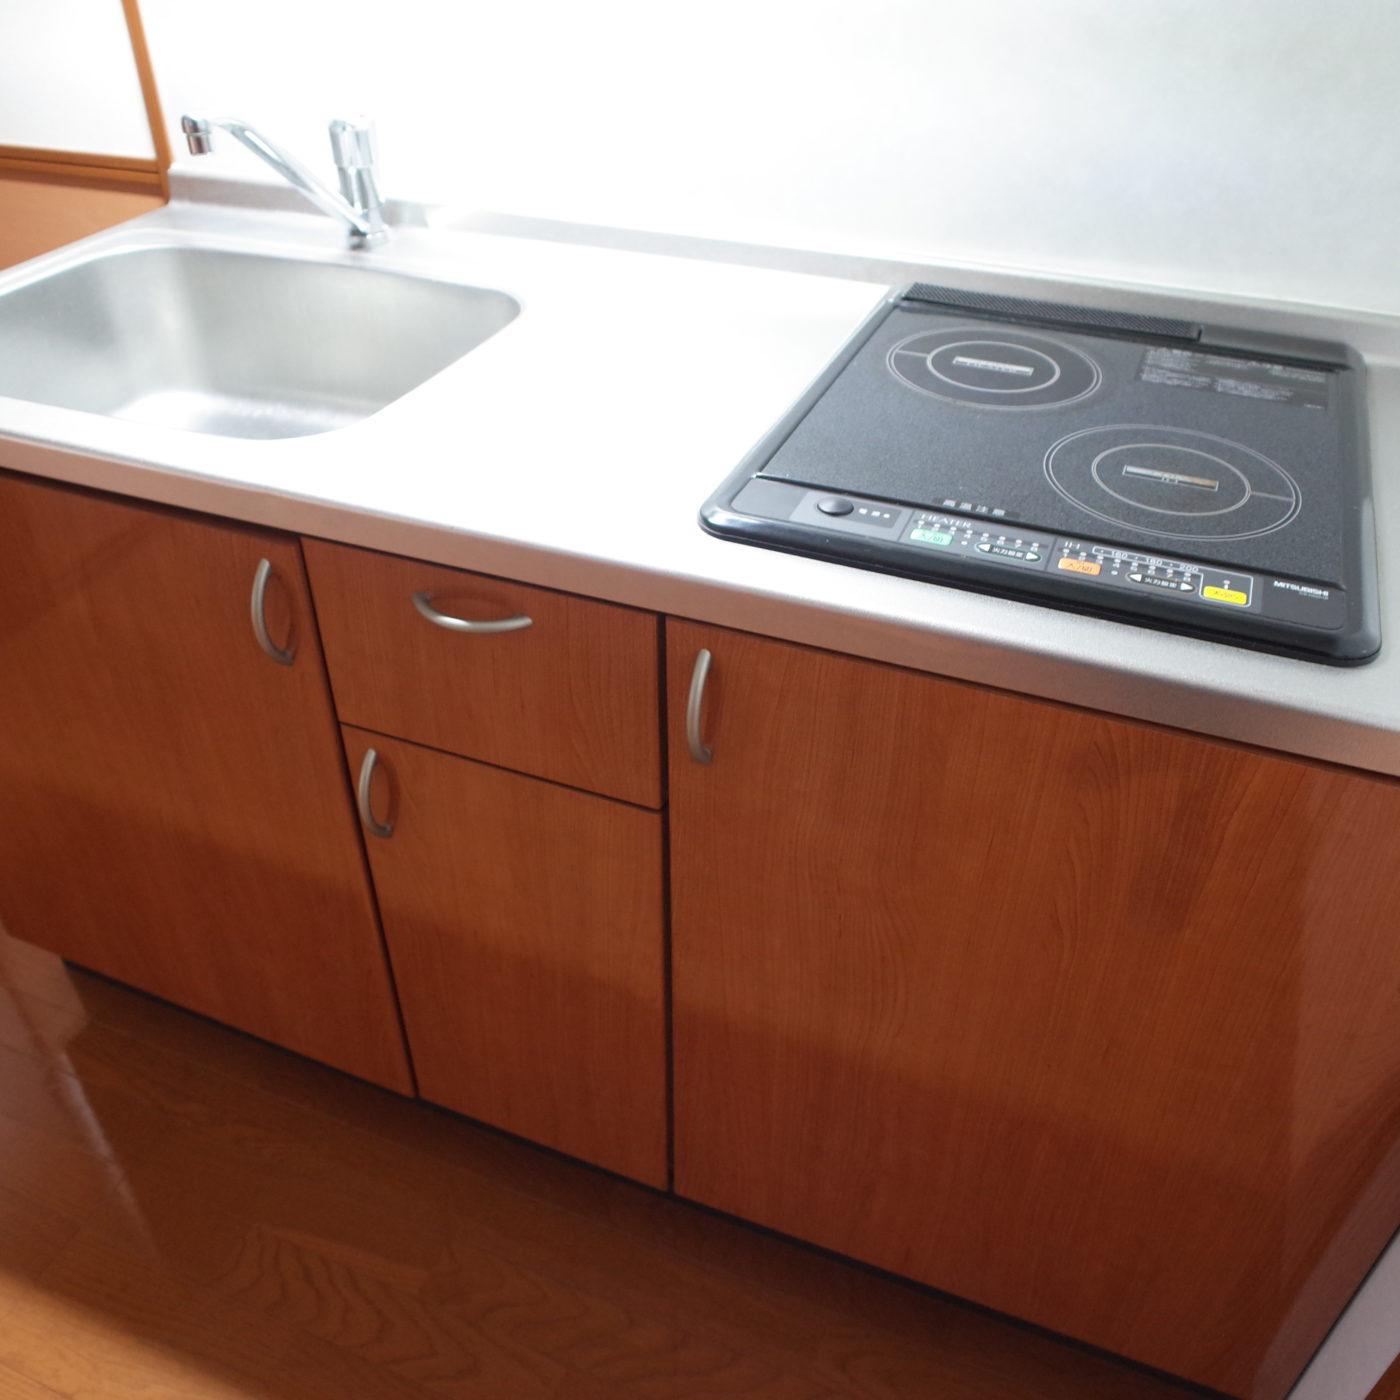 九州大学 伊都 アプリカード 一人暮らし キッチン